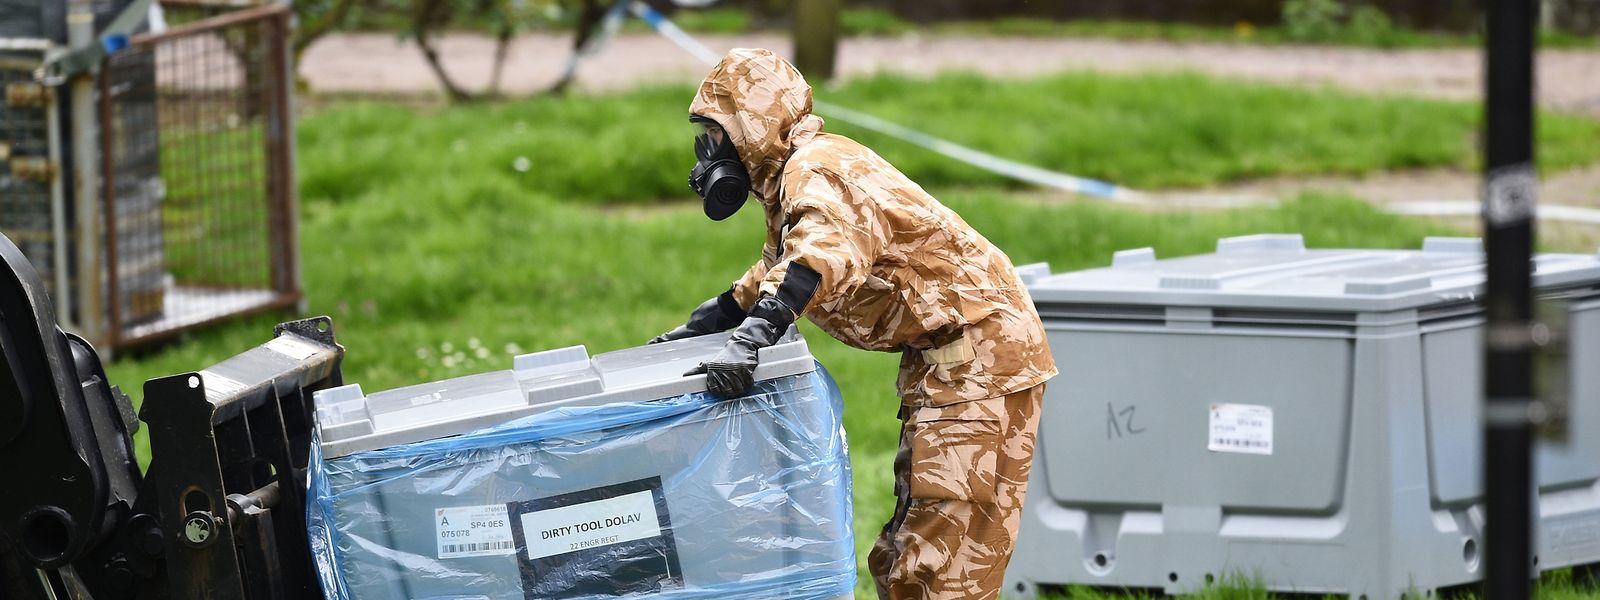 24.04.2018, Großbritannien, Salisbury: Ein Soldat in Schutzkleidung arbeitet in der Nähe des Ortes, an dem der frühere russische Doppelagent Skripal und seine Tochter nach einer Vergiftung ohnmächtig auf einer Parkbank aufgefunden worden waren.